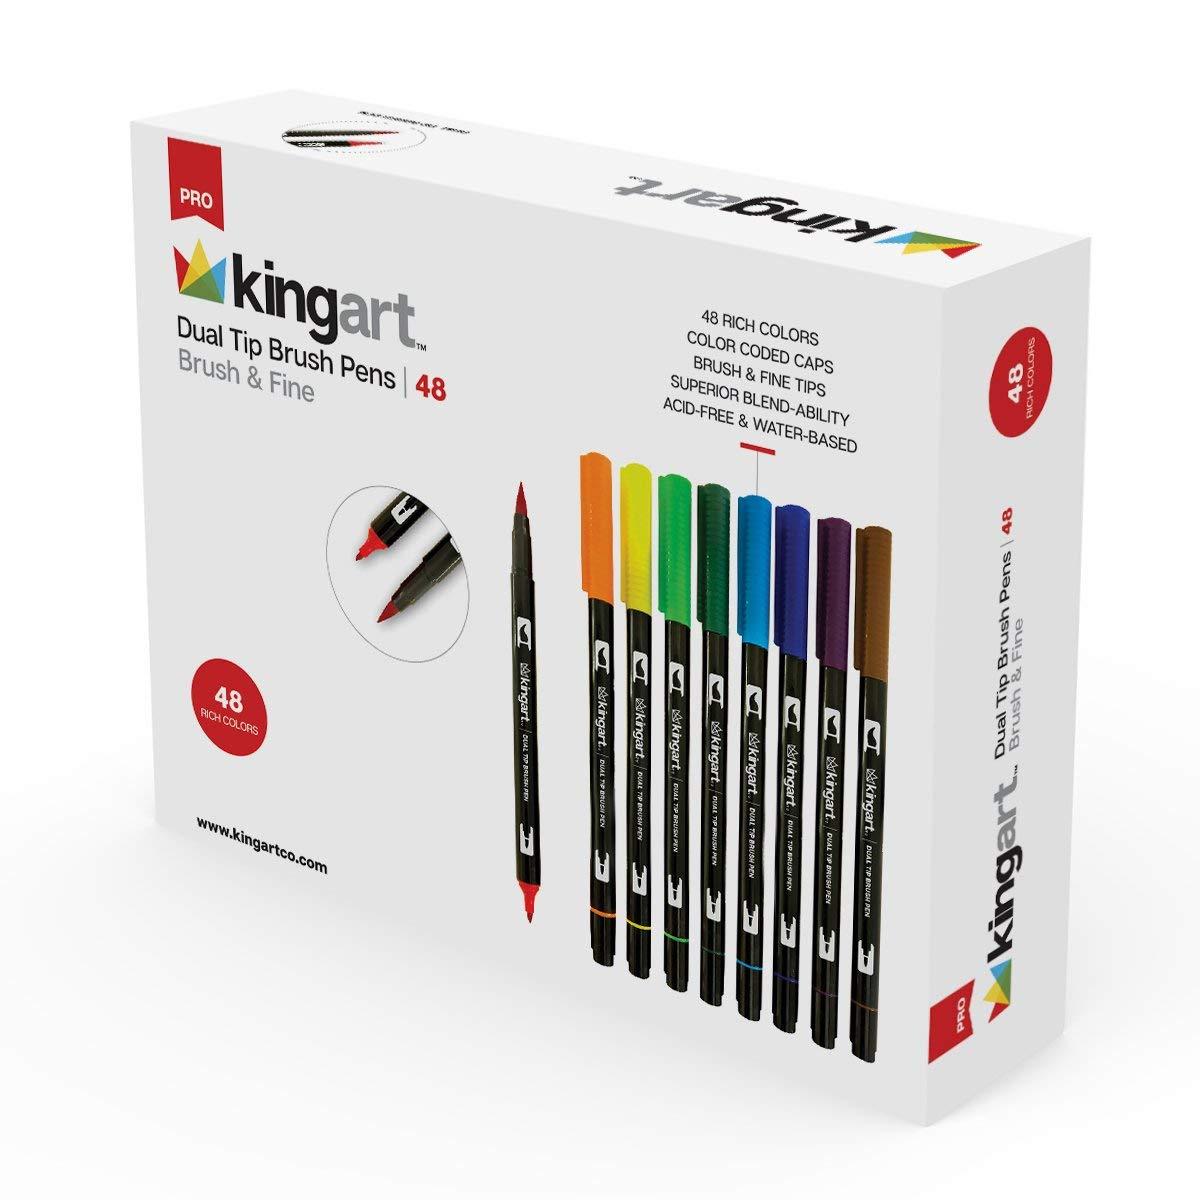 KINGART 445-48 Set of 48 Dual TIP Brush PENS, 48 Piece